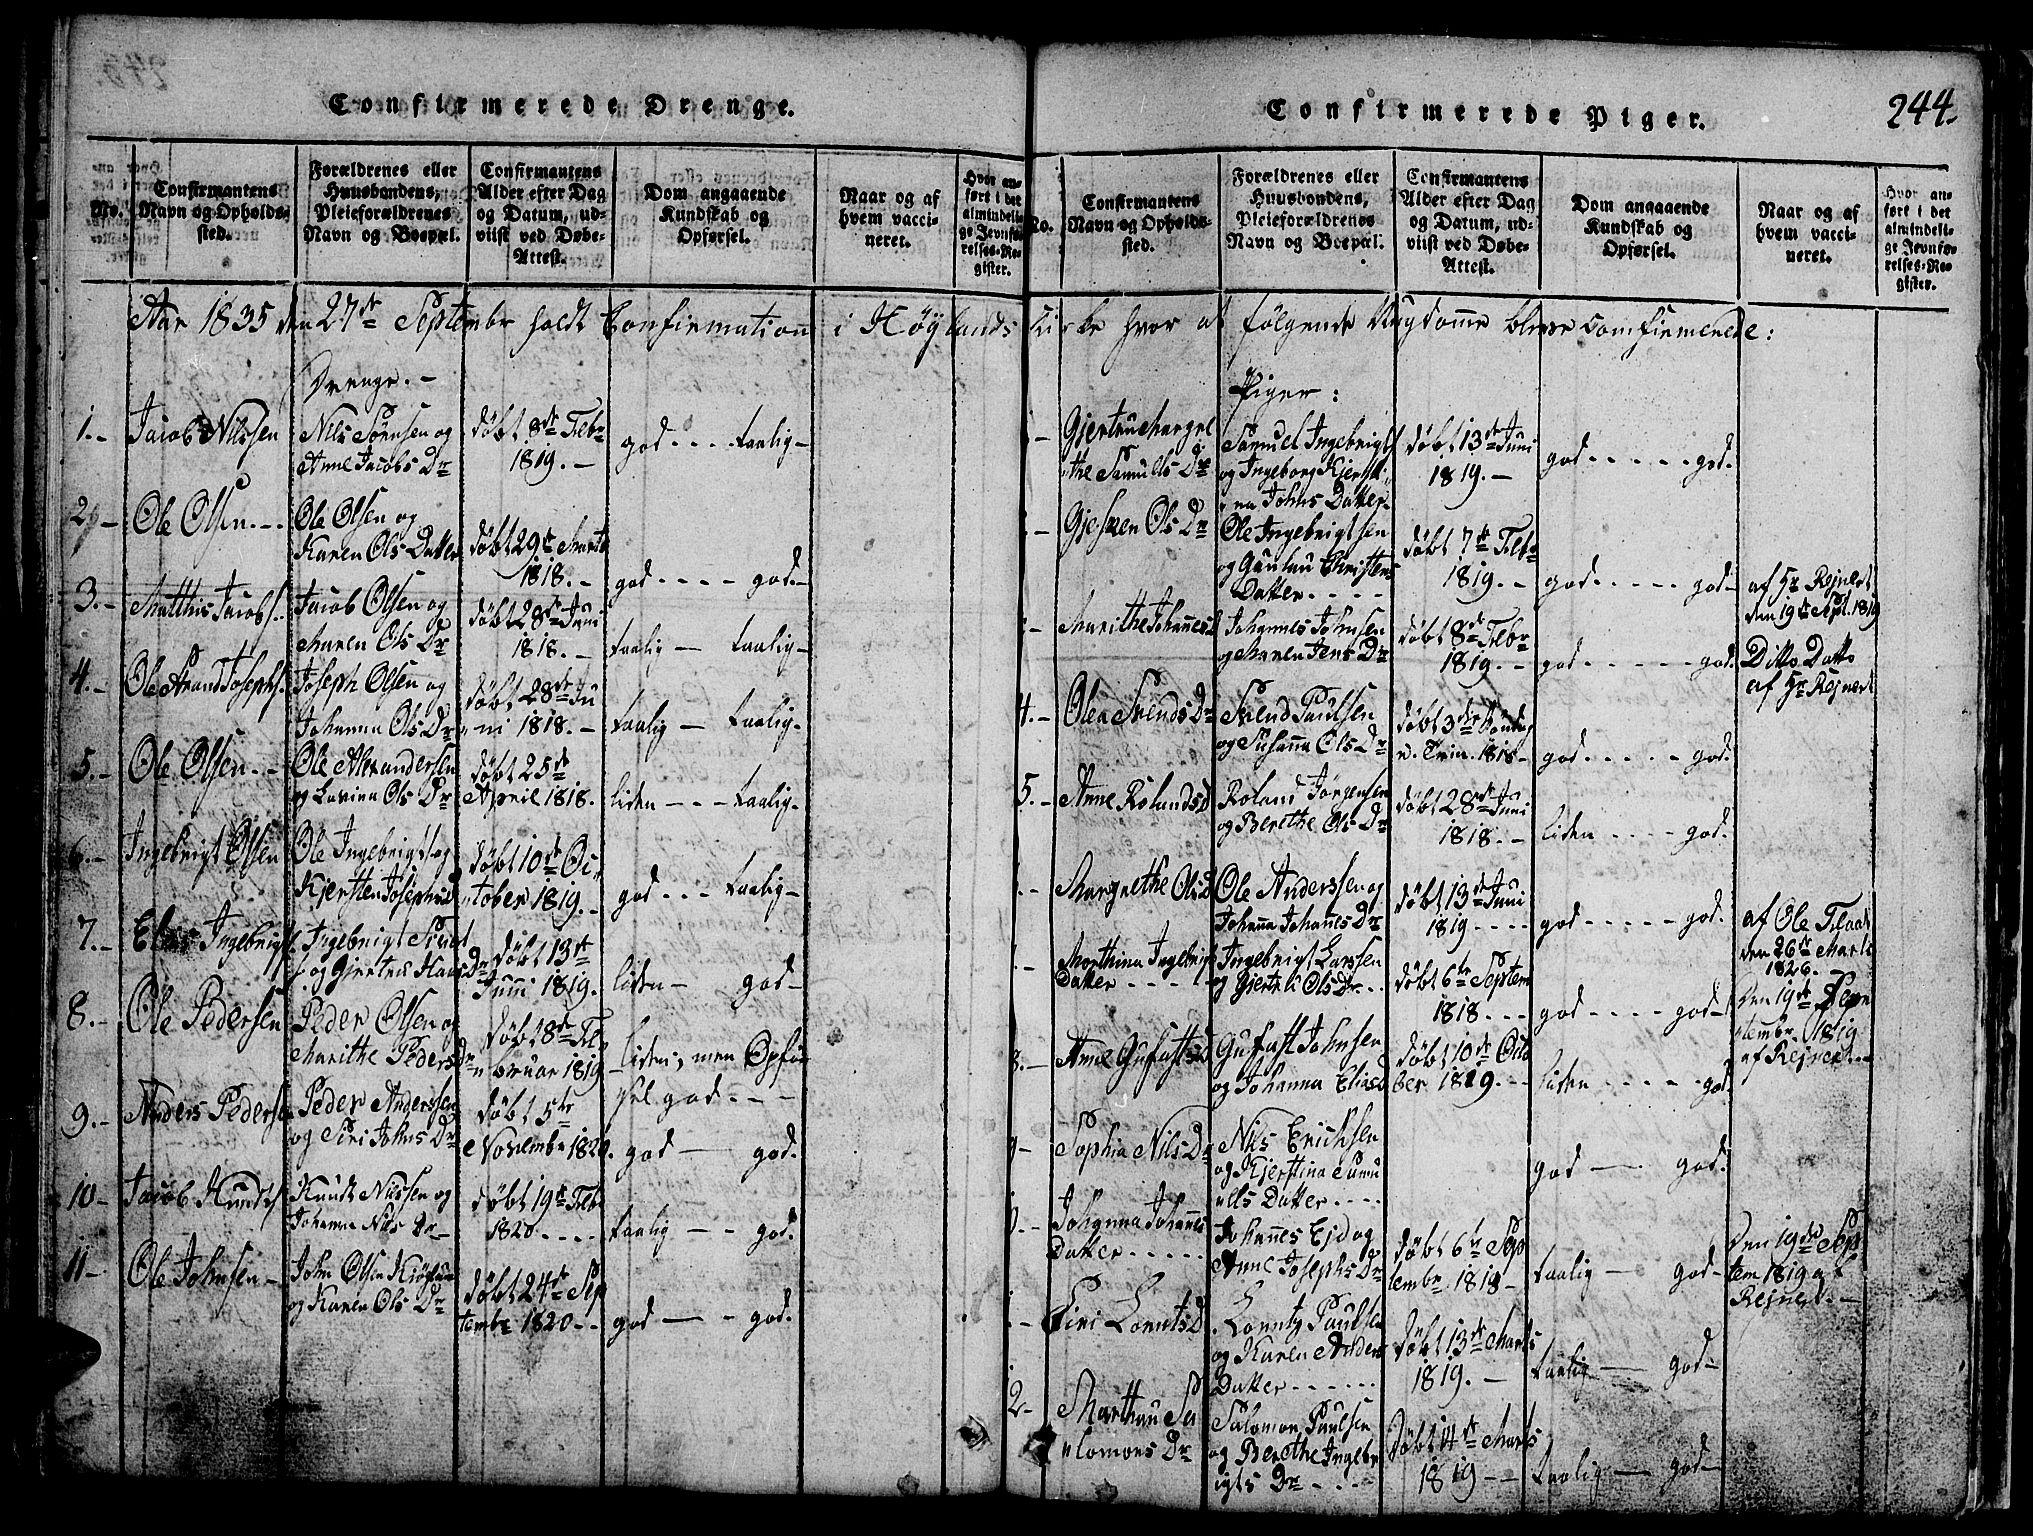 SAT, Ministerialprotokoller, klokkerbøker og fødselsregistre - Nord-Trøndelag, 765/L0562: Klokkerbok nr. 765C01, 1817-1851, s. 244